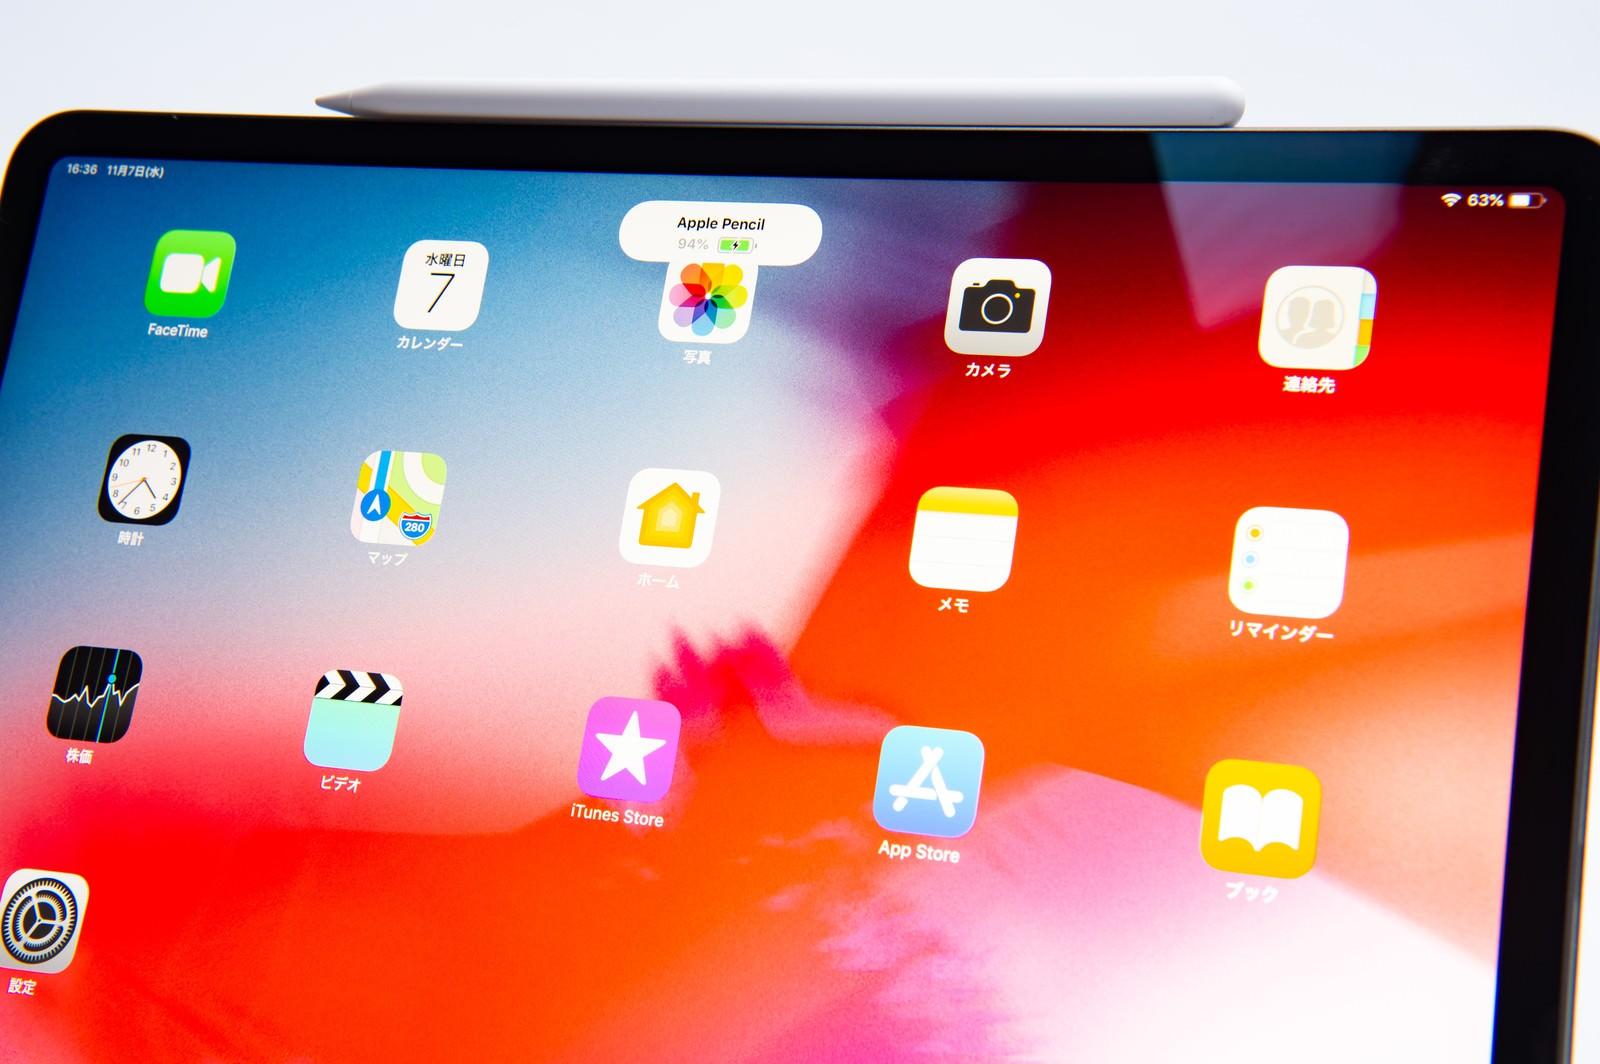 「アップルペンシルが装着されたタブレットのホーム画面(iPad Pro 2018とApple pencil)アップルペンシルが装着されたタブレットのホーム画面(iPad Pro 2018とApple pencil)」のフリー写真素材を拡大